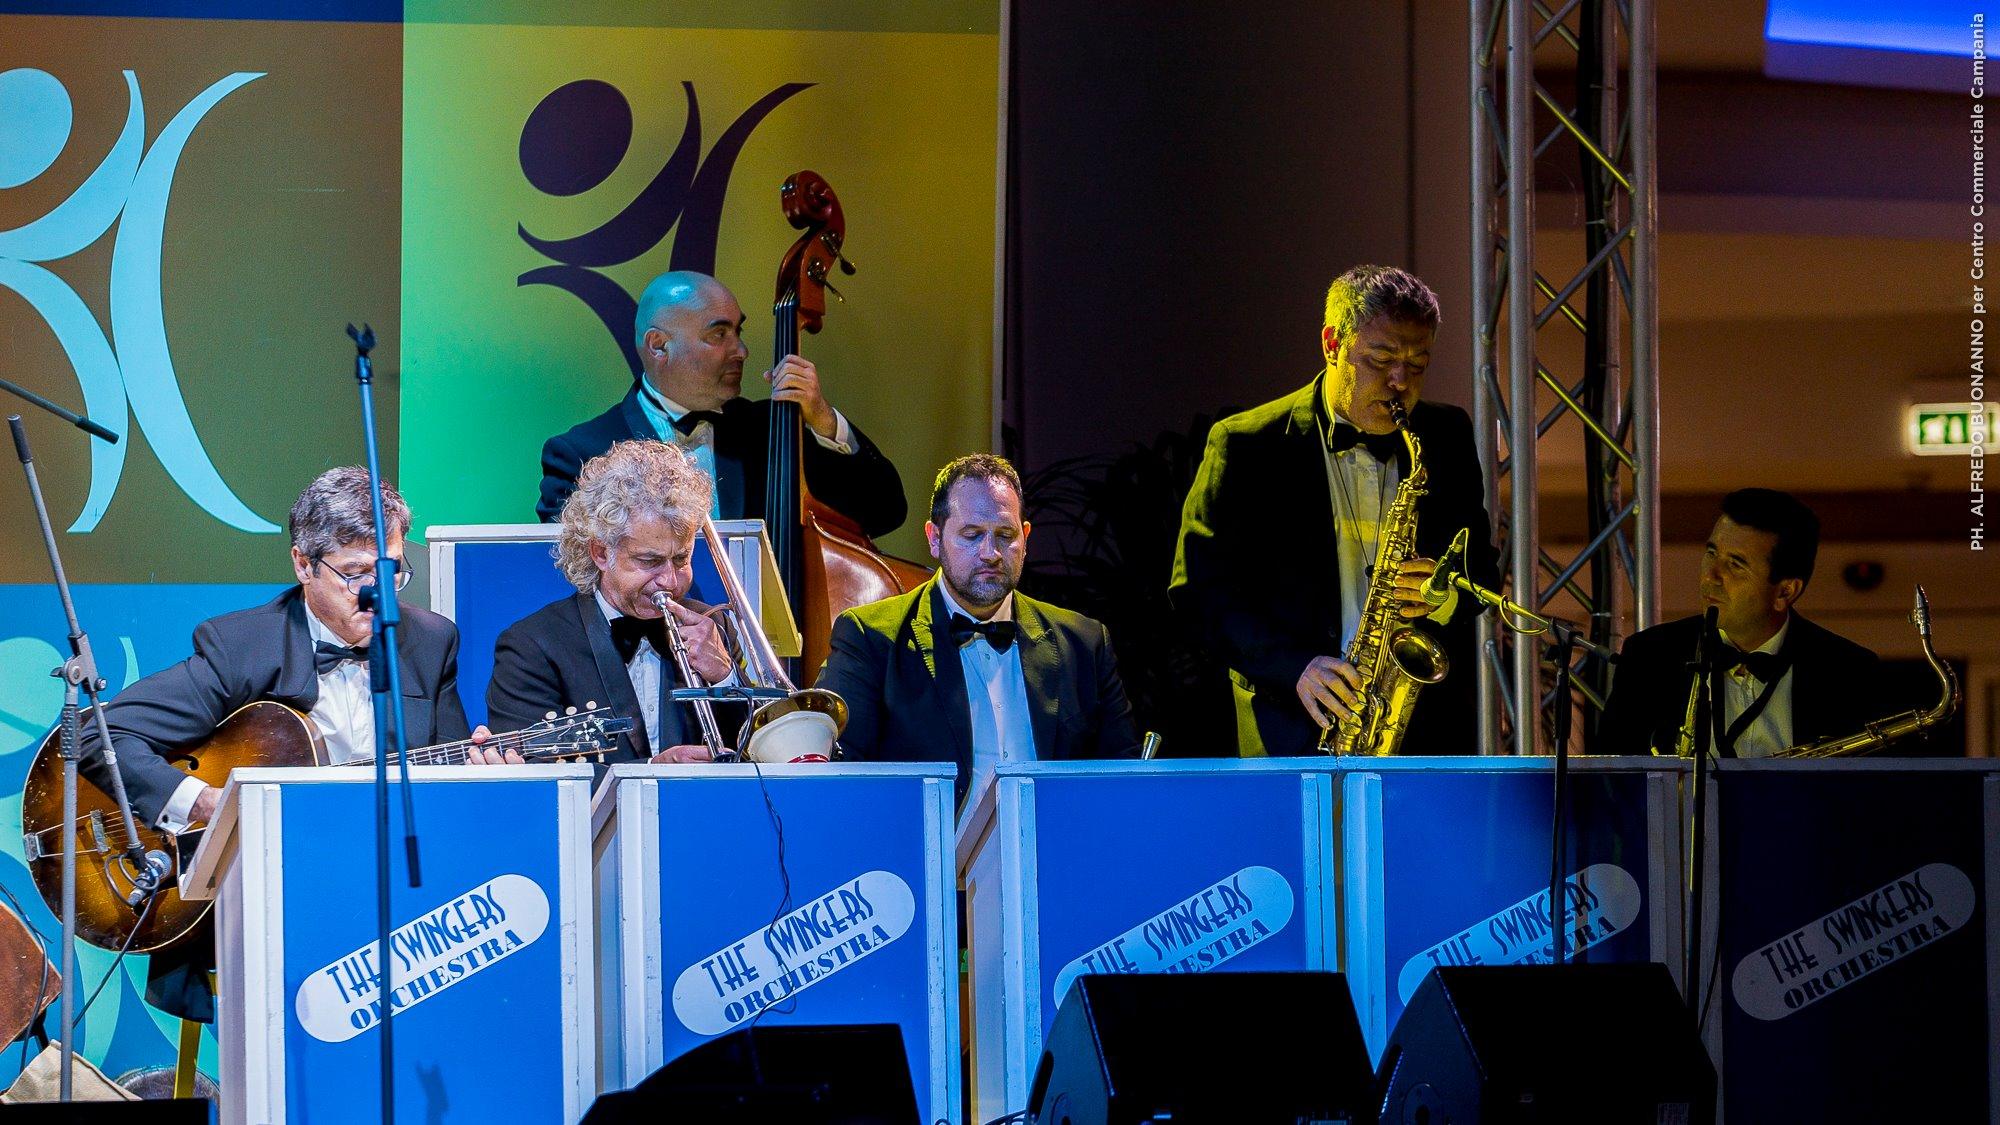 The-Swingers-Orchestra-al-Campania